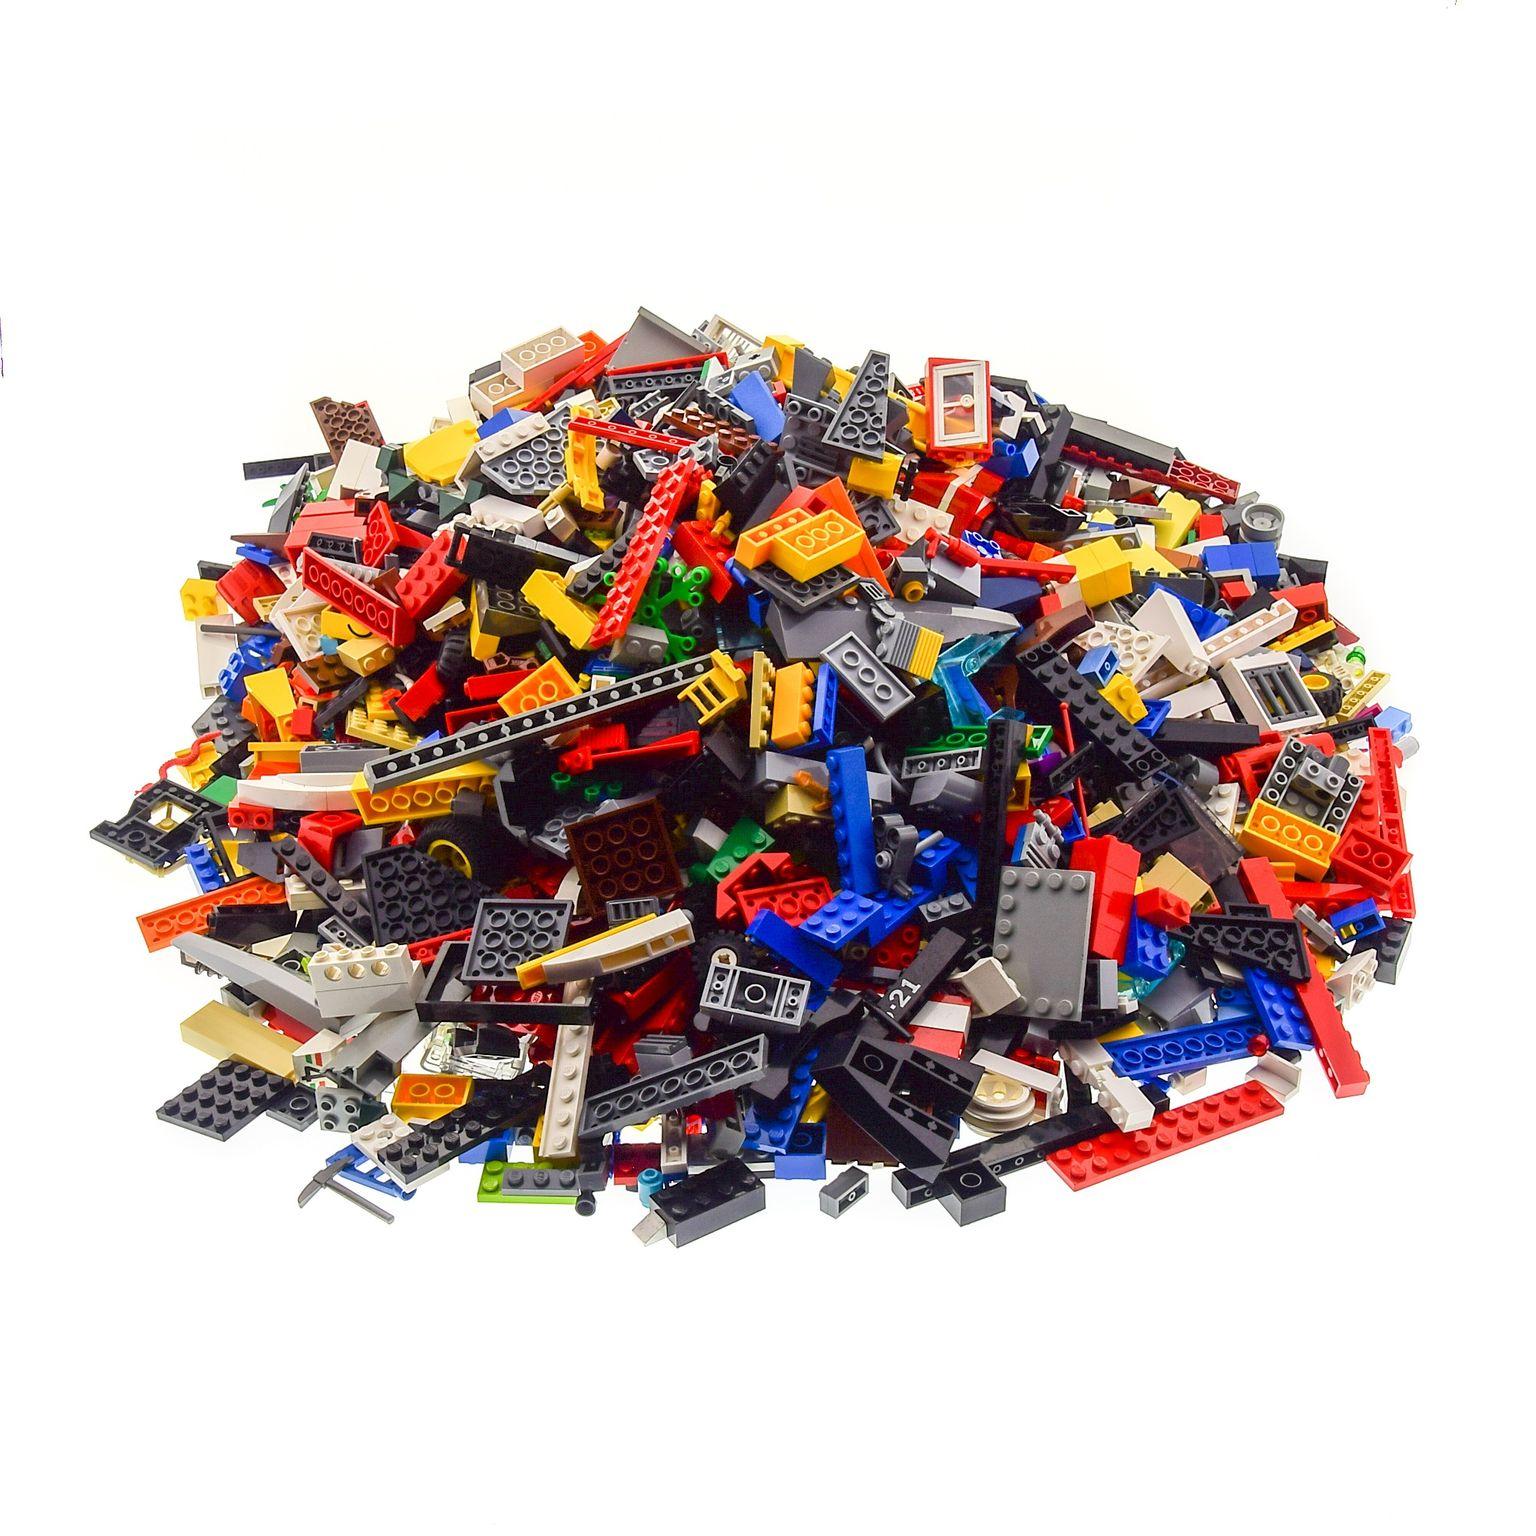 3 Kg LEGO KILOWARE STEINE PLATTEN RÄDER SONDERSTEINE GEMISCHT GEBRAUCHT